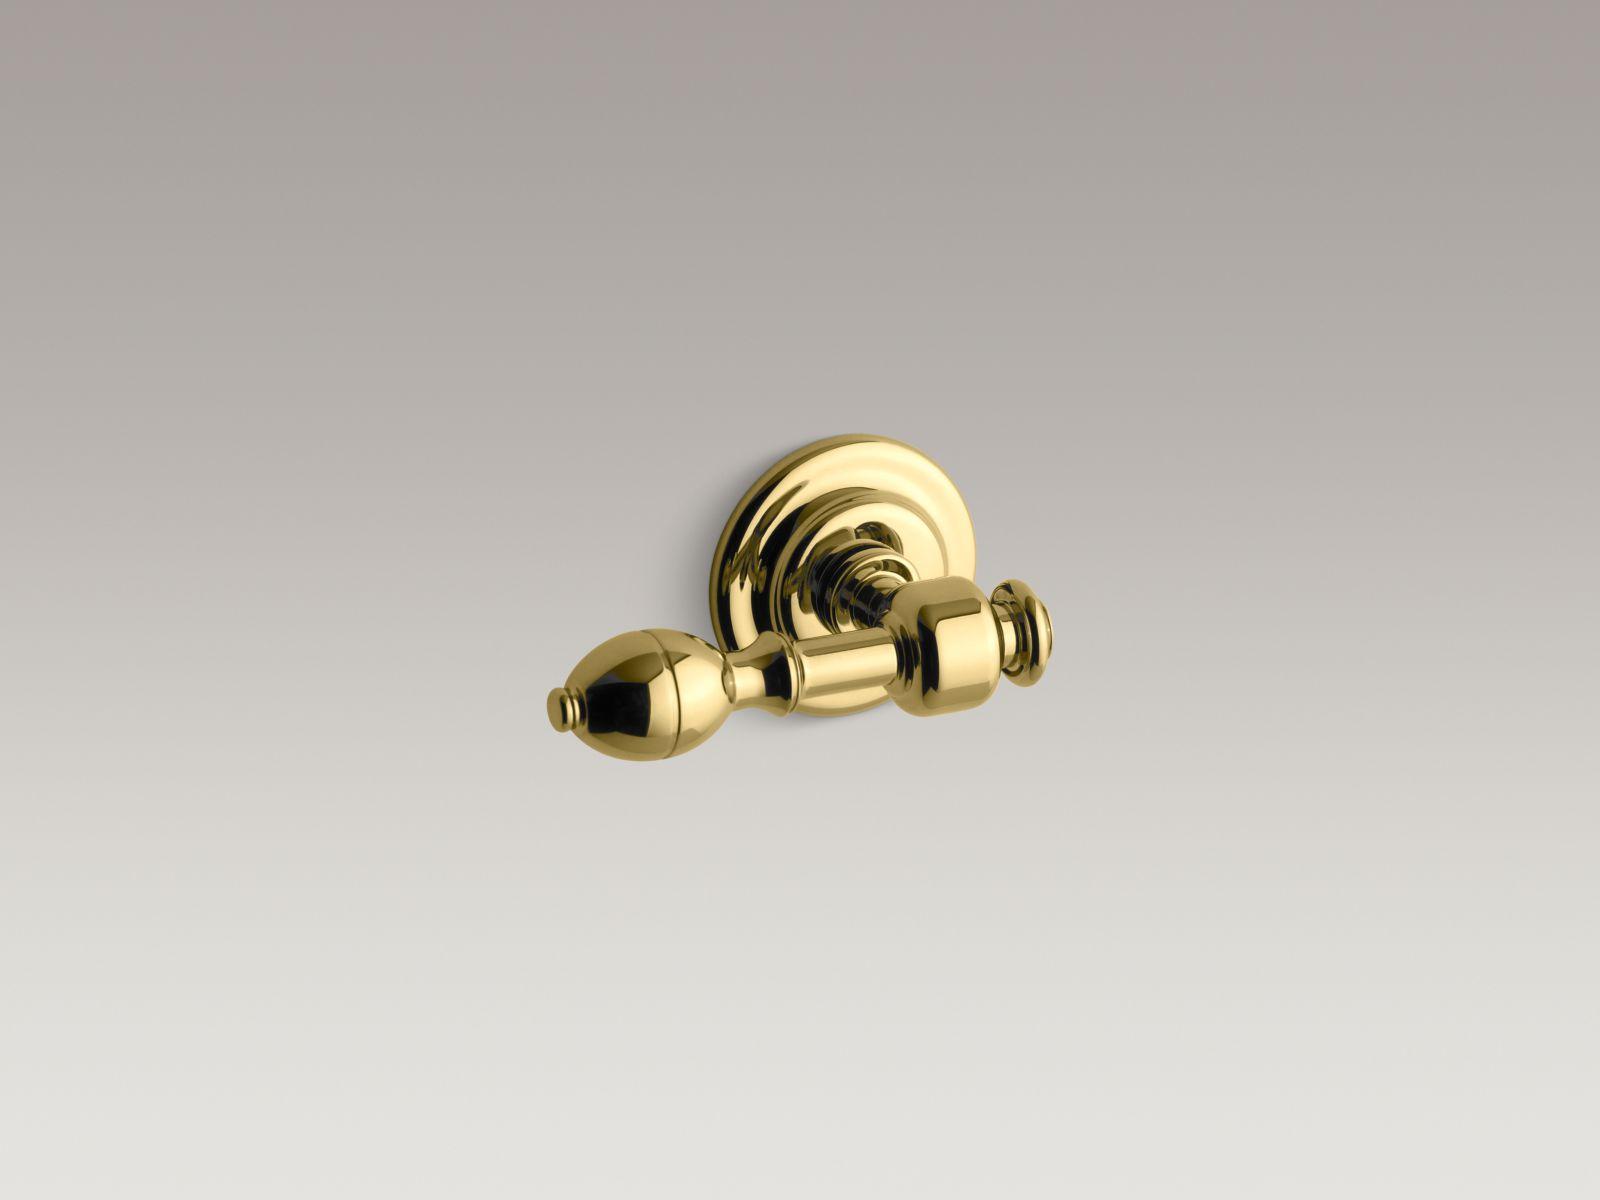 Kohler K-6822-PB IV Georges Brass Toilet Trip Lever Vibrant Polished Brass